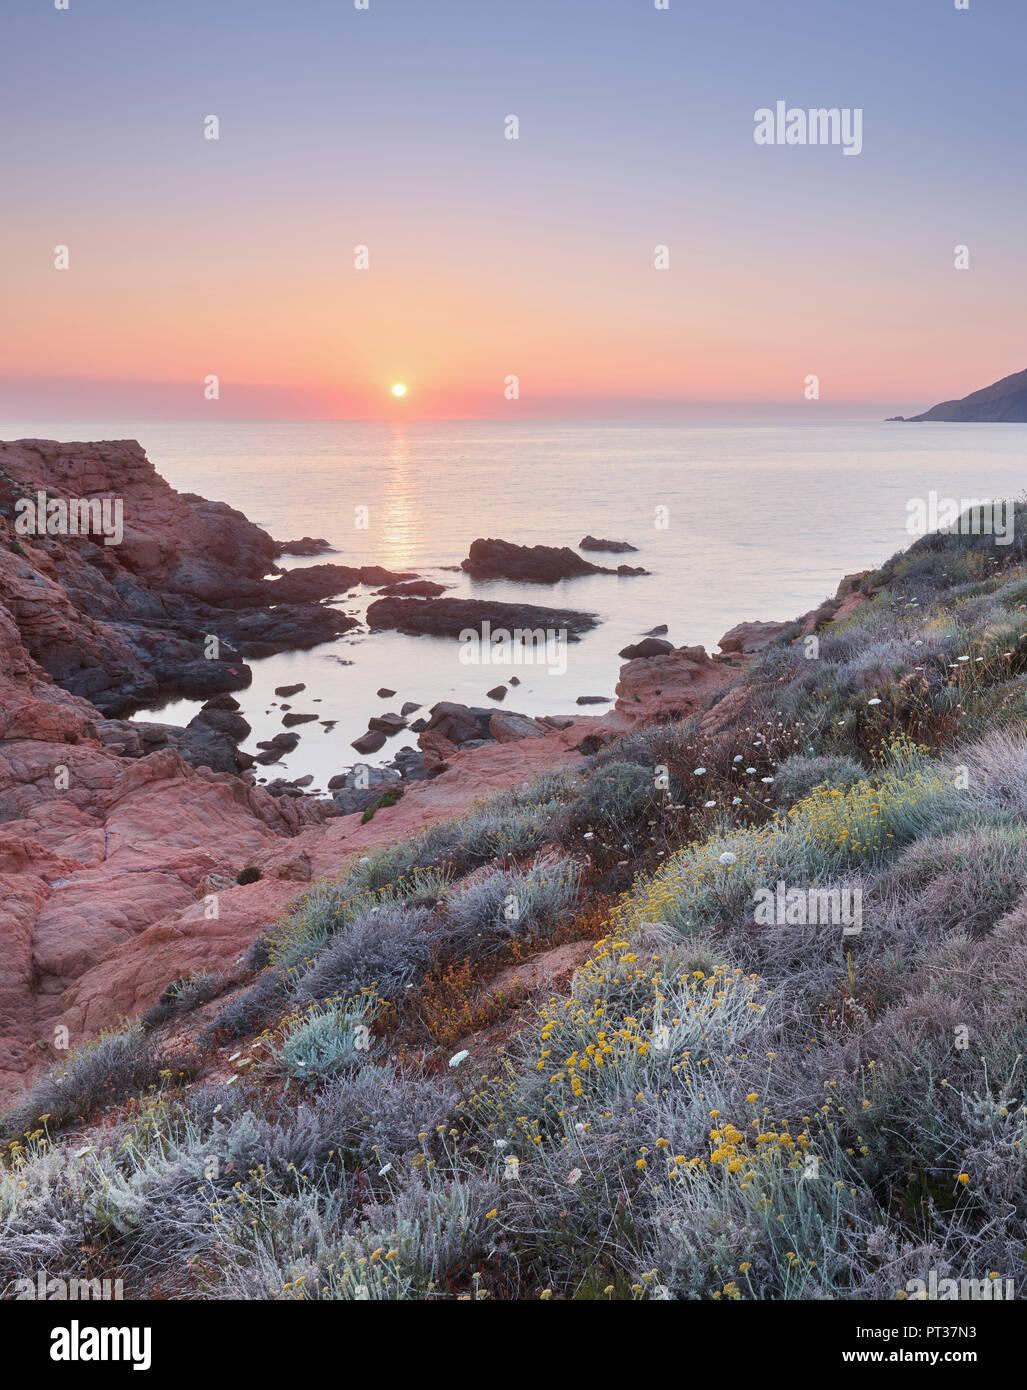 Noche en el estado de ánimo Capu rossu, D'Arone, Córcega, Francia Imagen De Stock